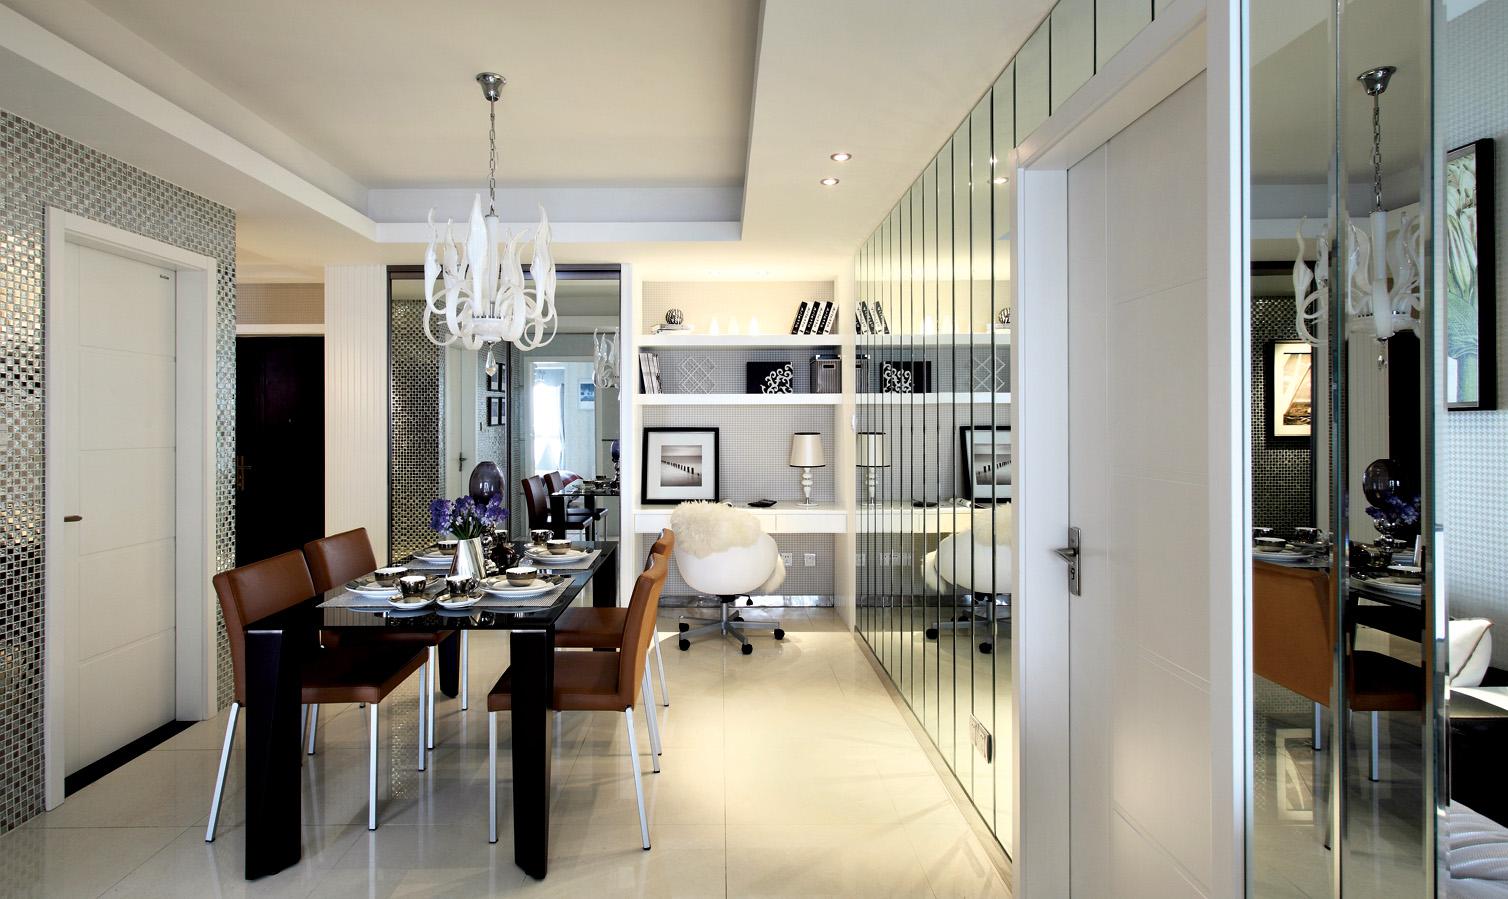 装修案例打造时尚的家庭居家环境,体验新家的感觉!